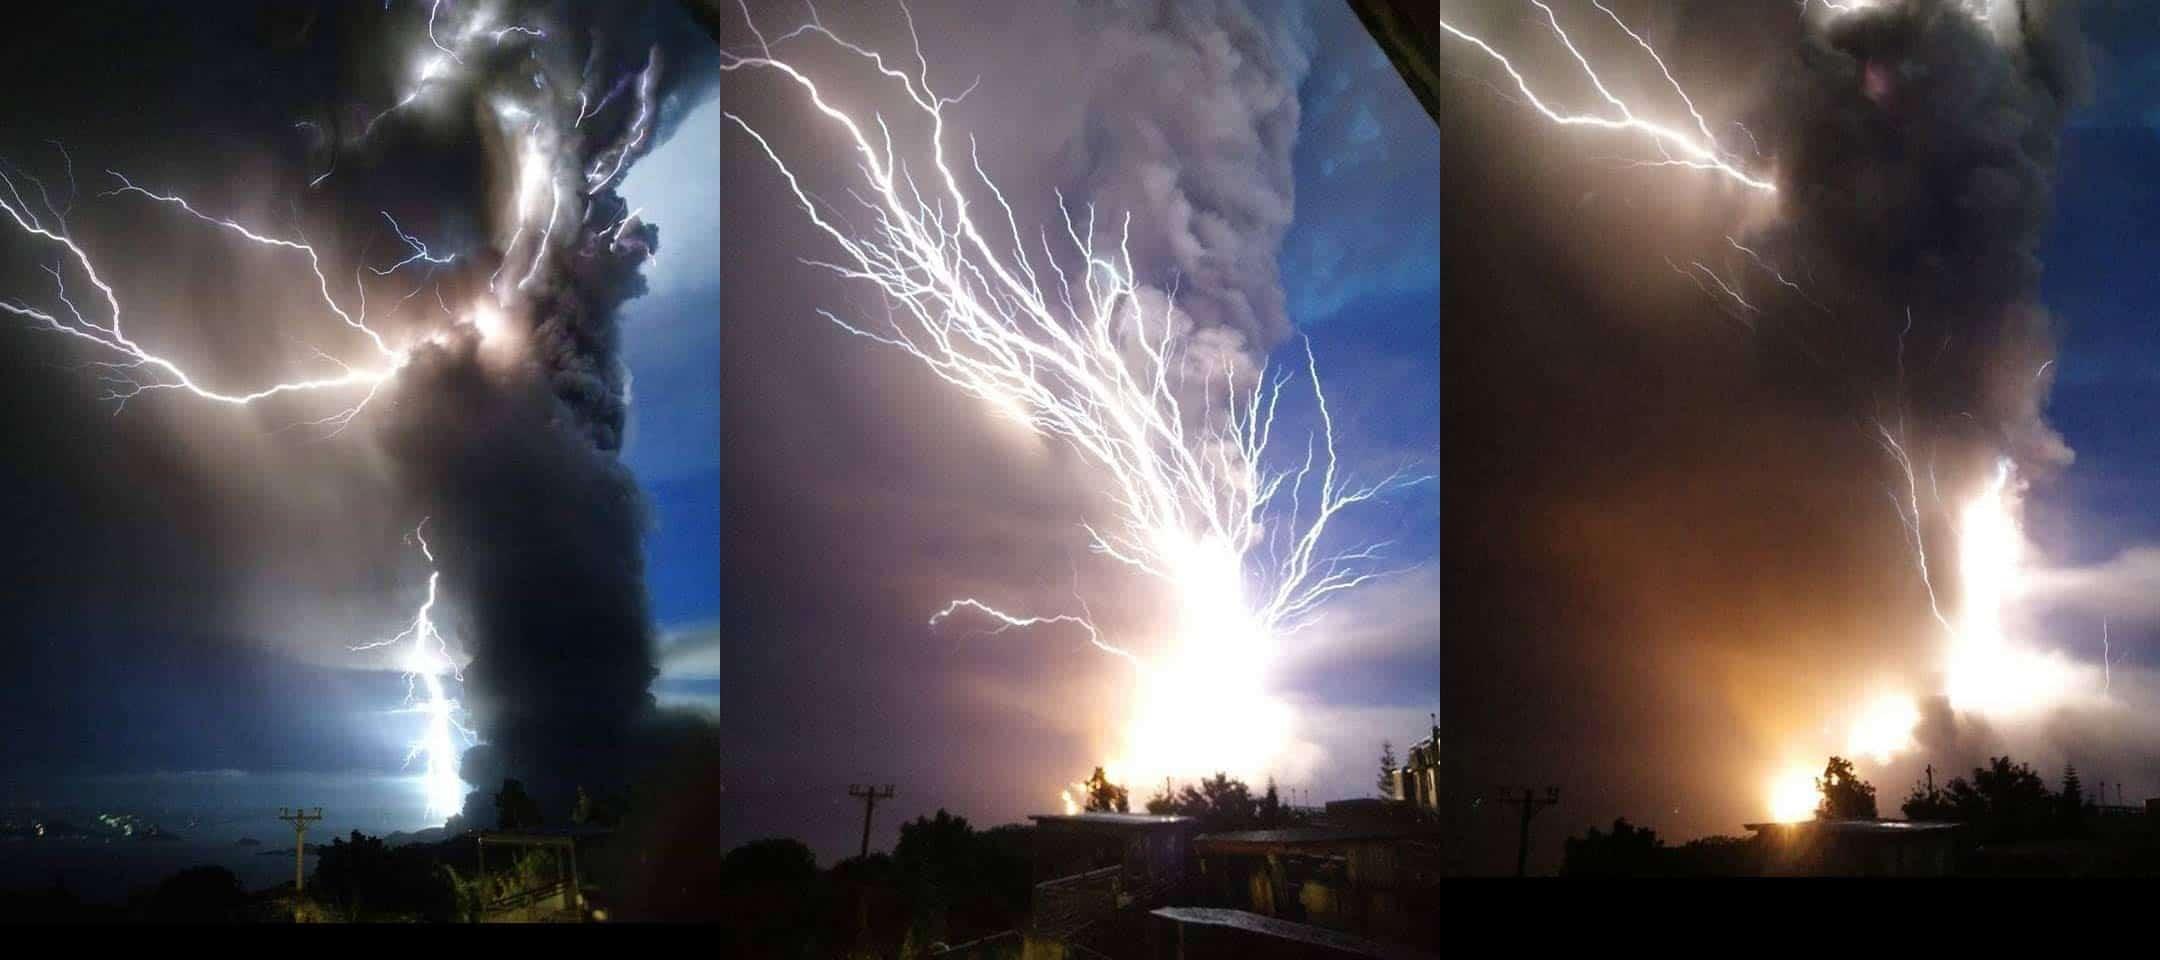 Tempestade de raios aterrorizante: Milhares fogem quando vulcão entra em erupção nas Filipinas